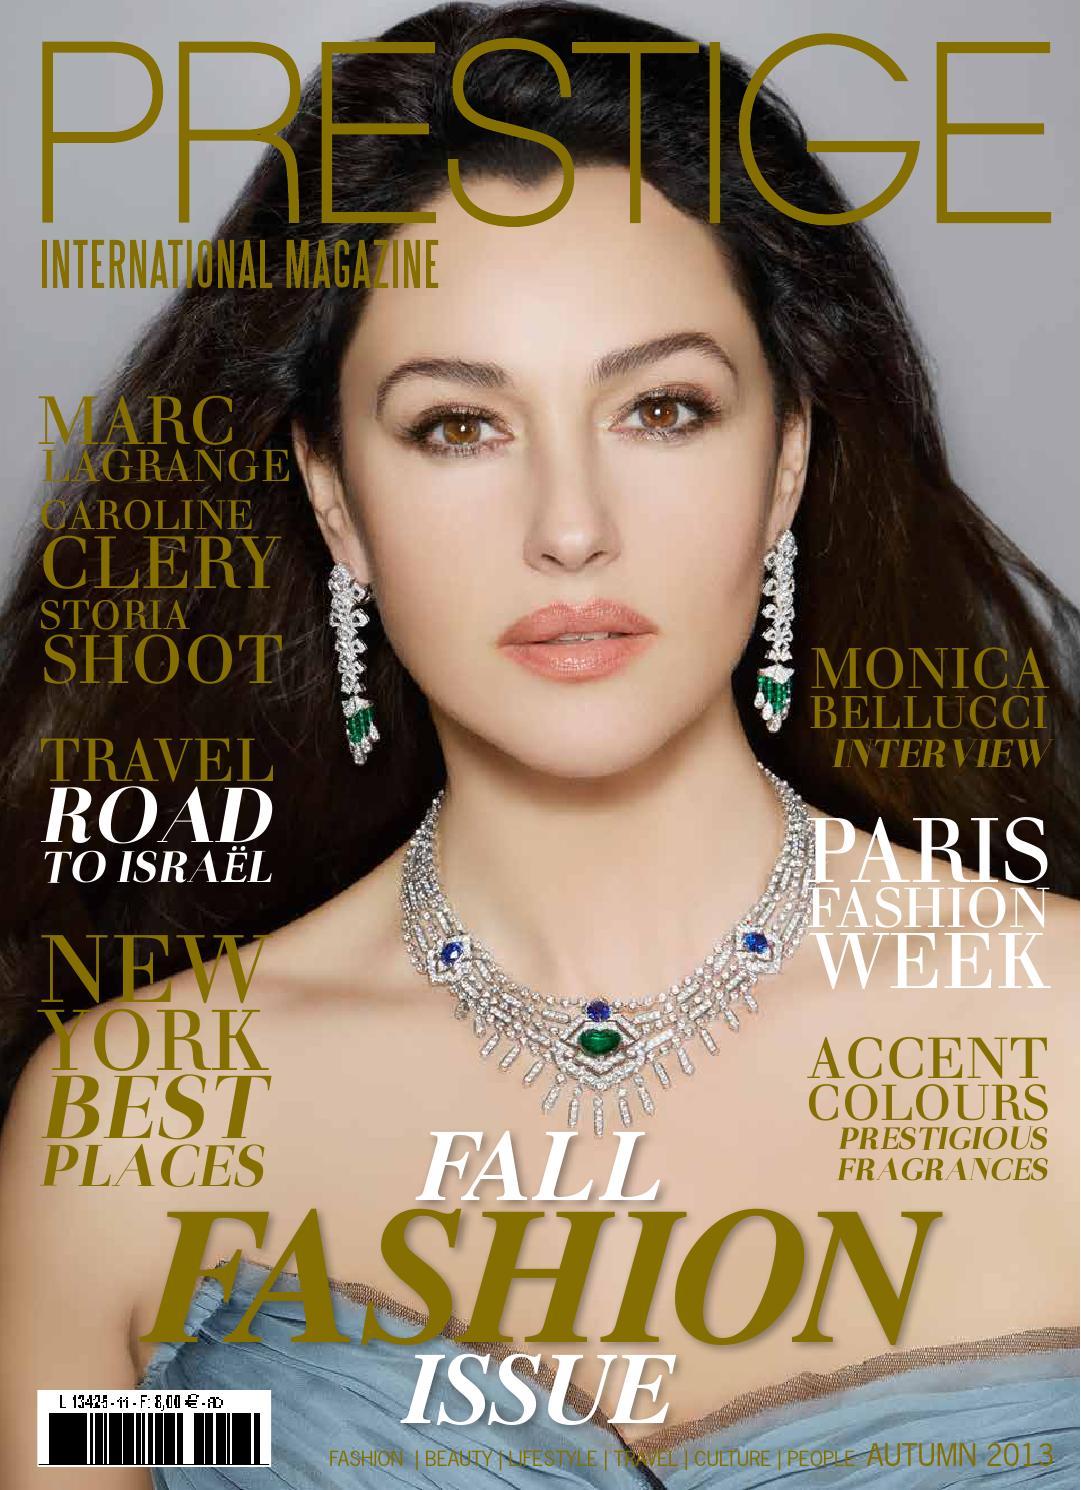 Prestige By 2013 Magazine International Autumn w77qznOF